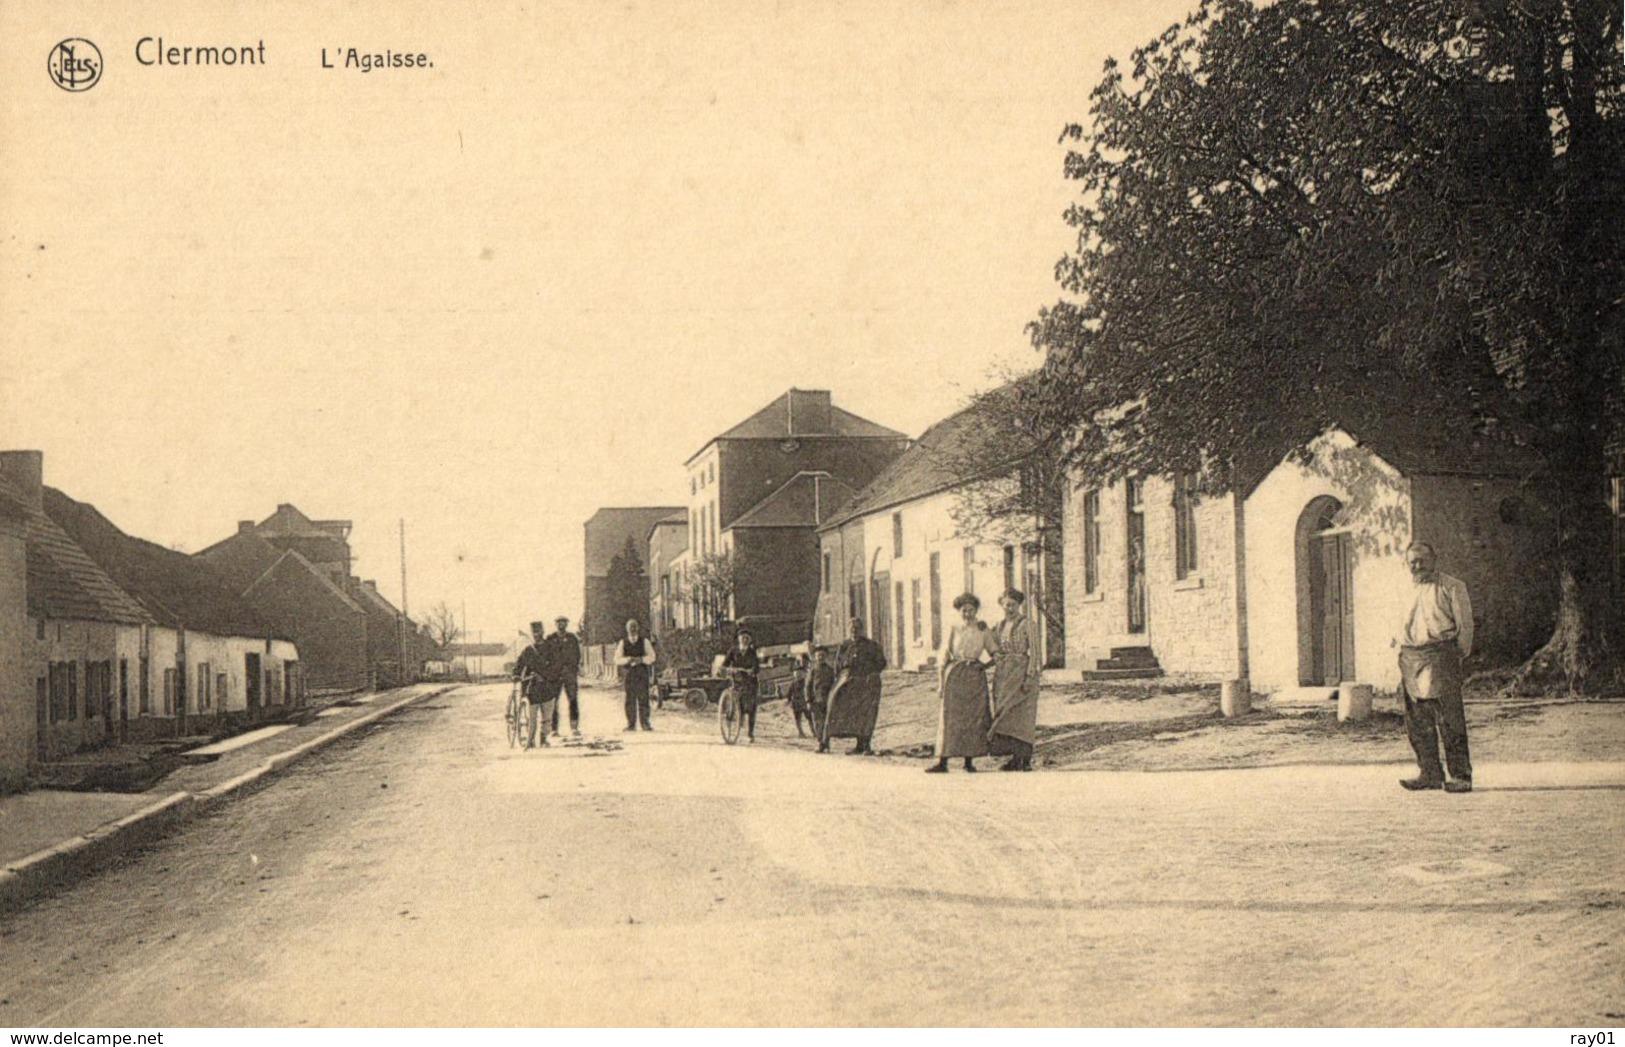 BELGIQUE - NAMUR - WALCOURT - CLERMONT - L'Agaisse. - Walcourt